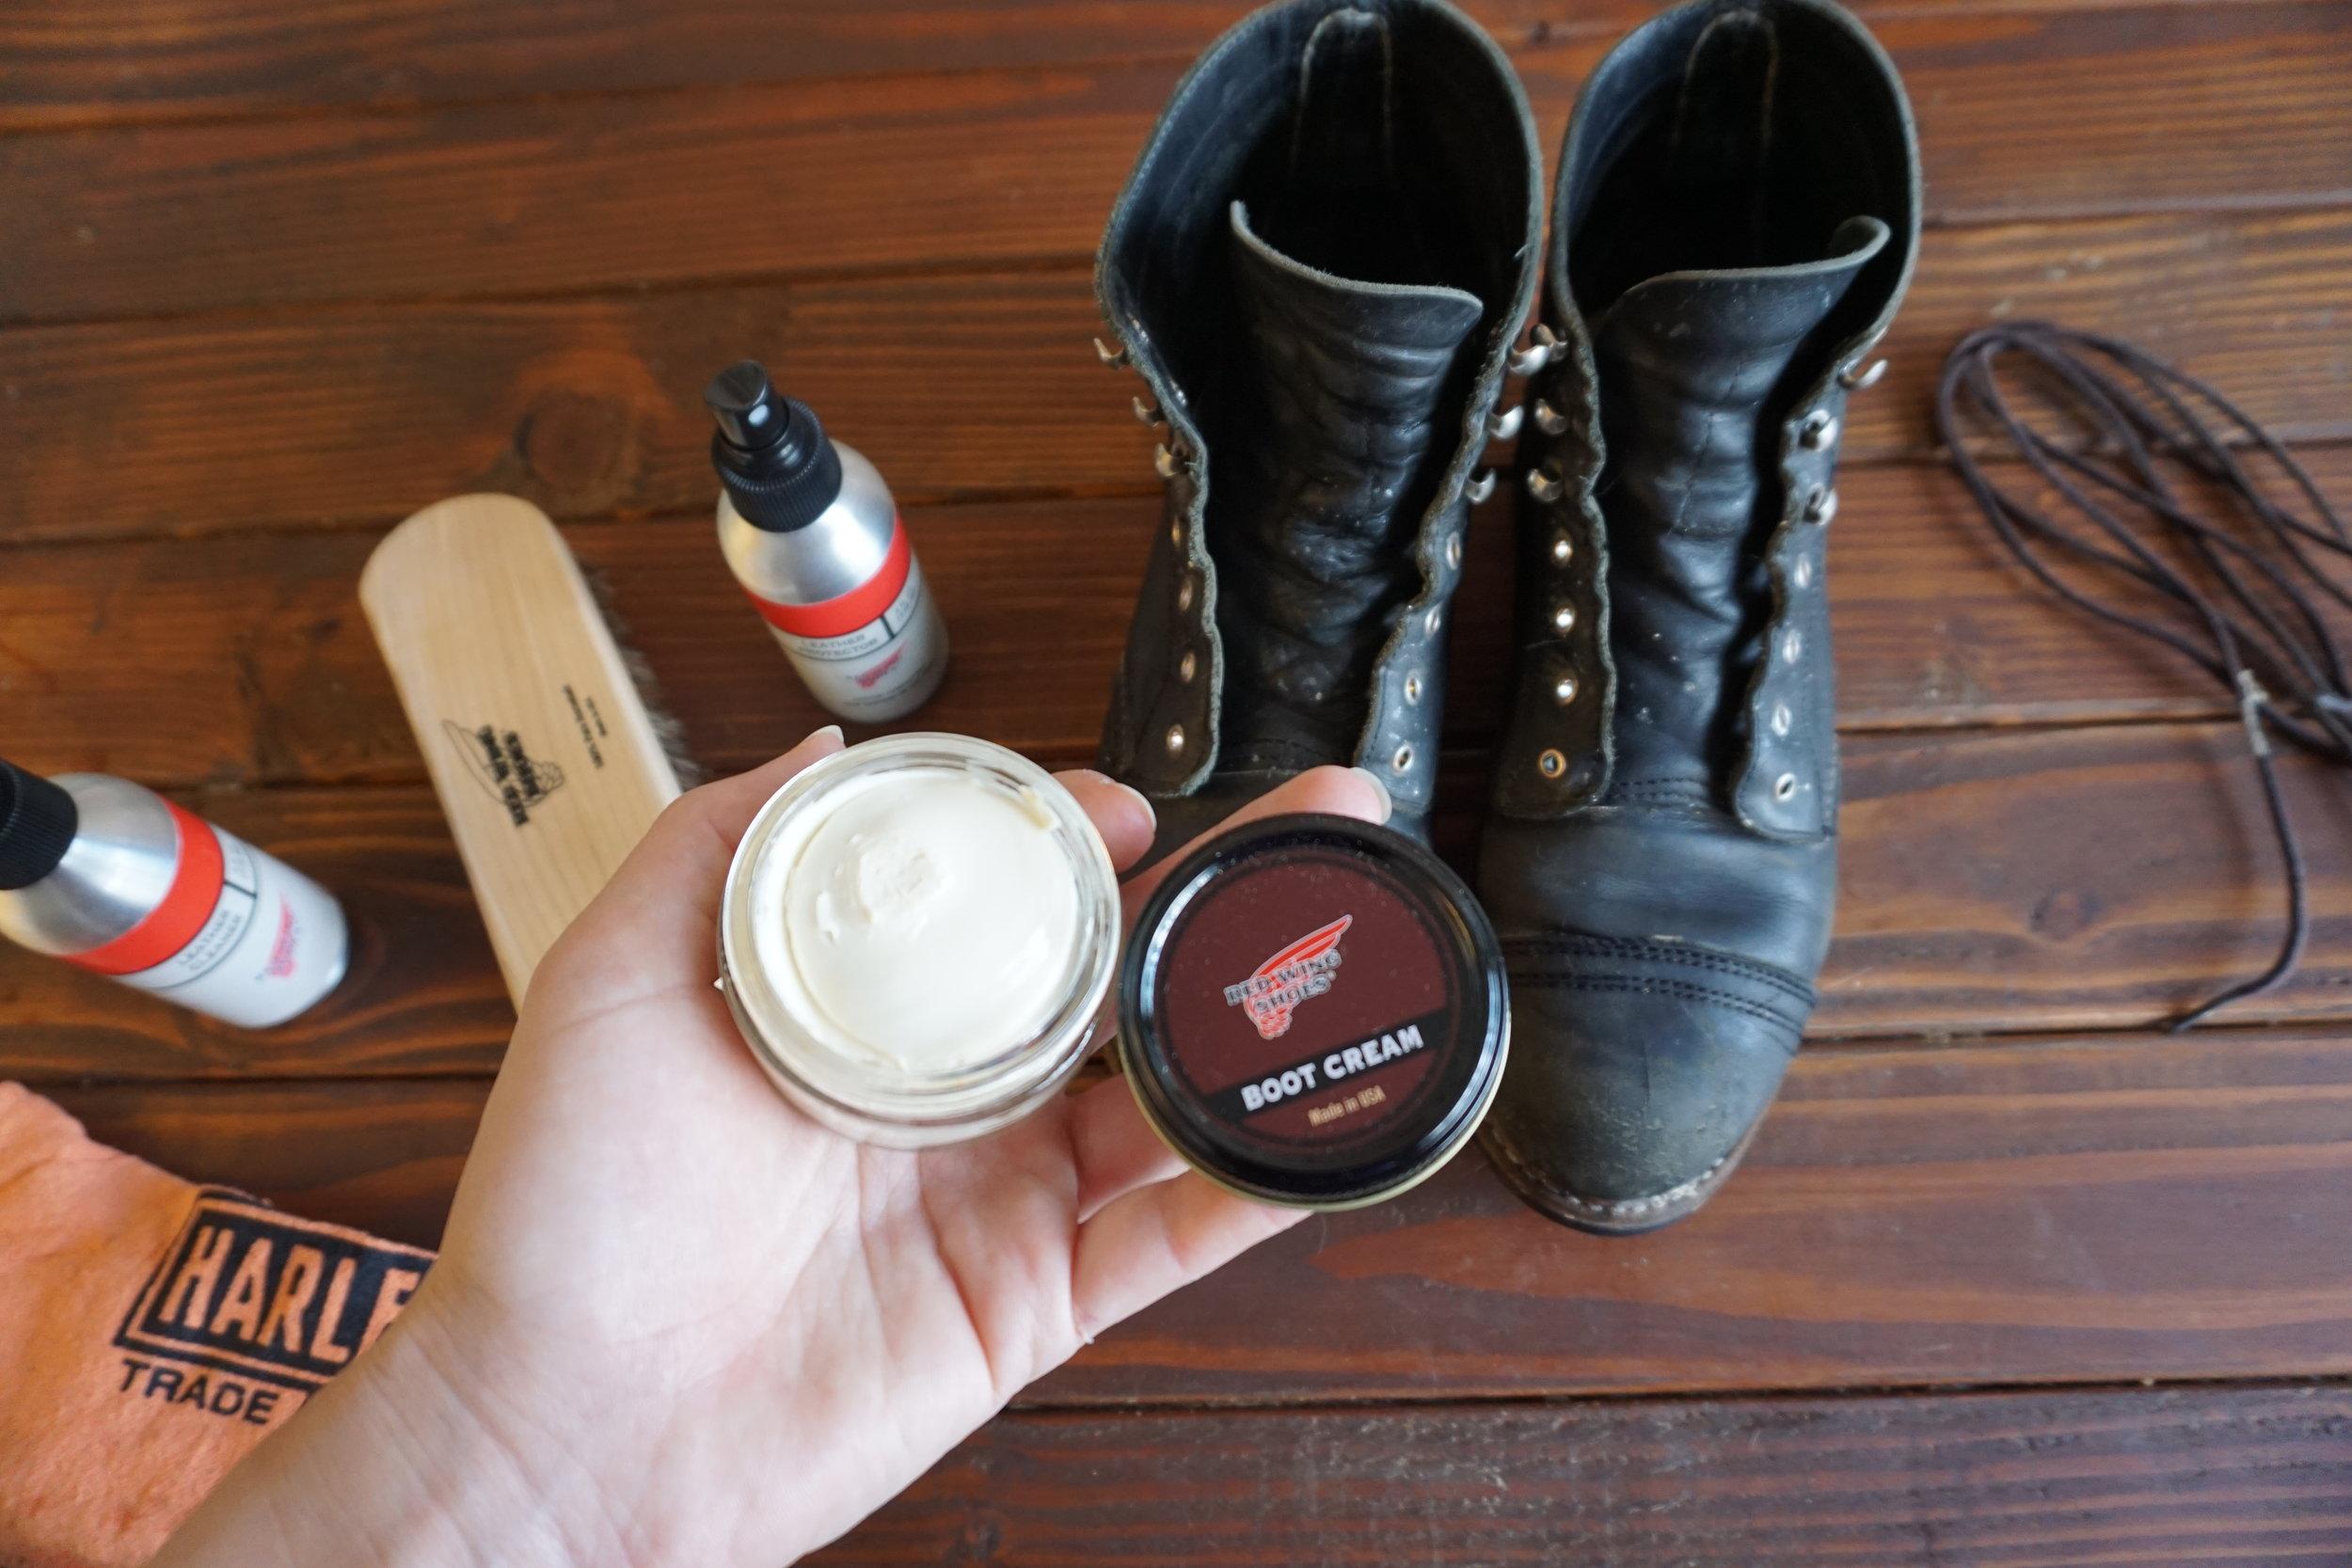 Boot Cream is next